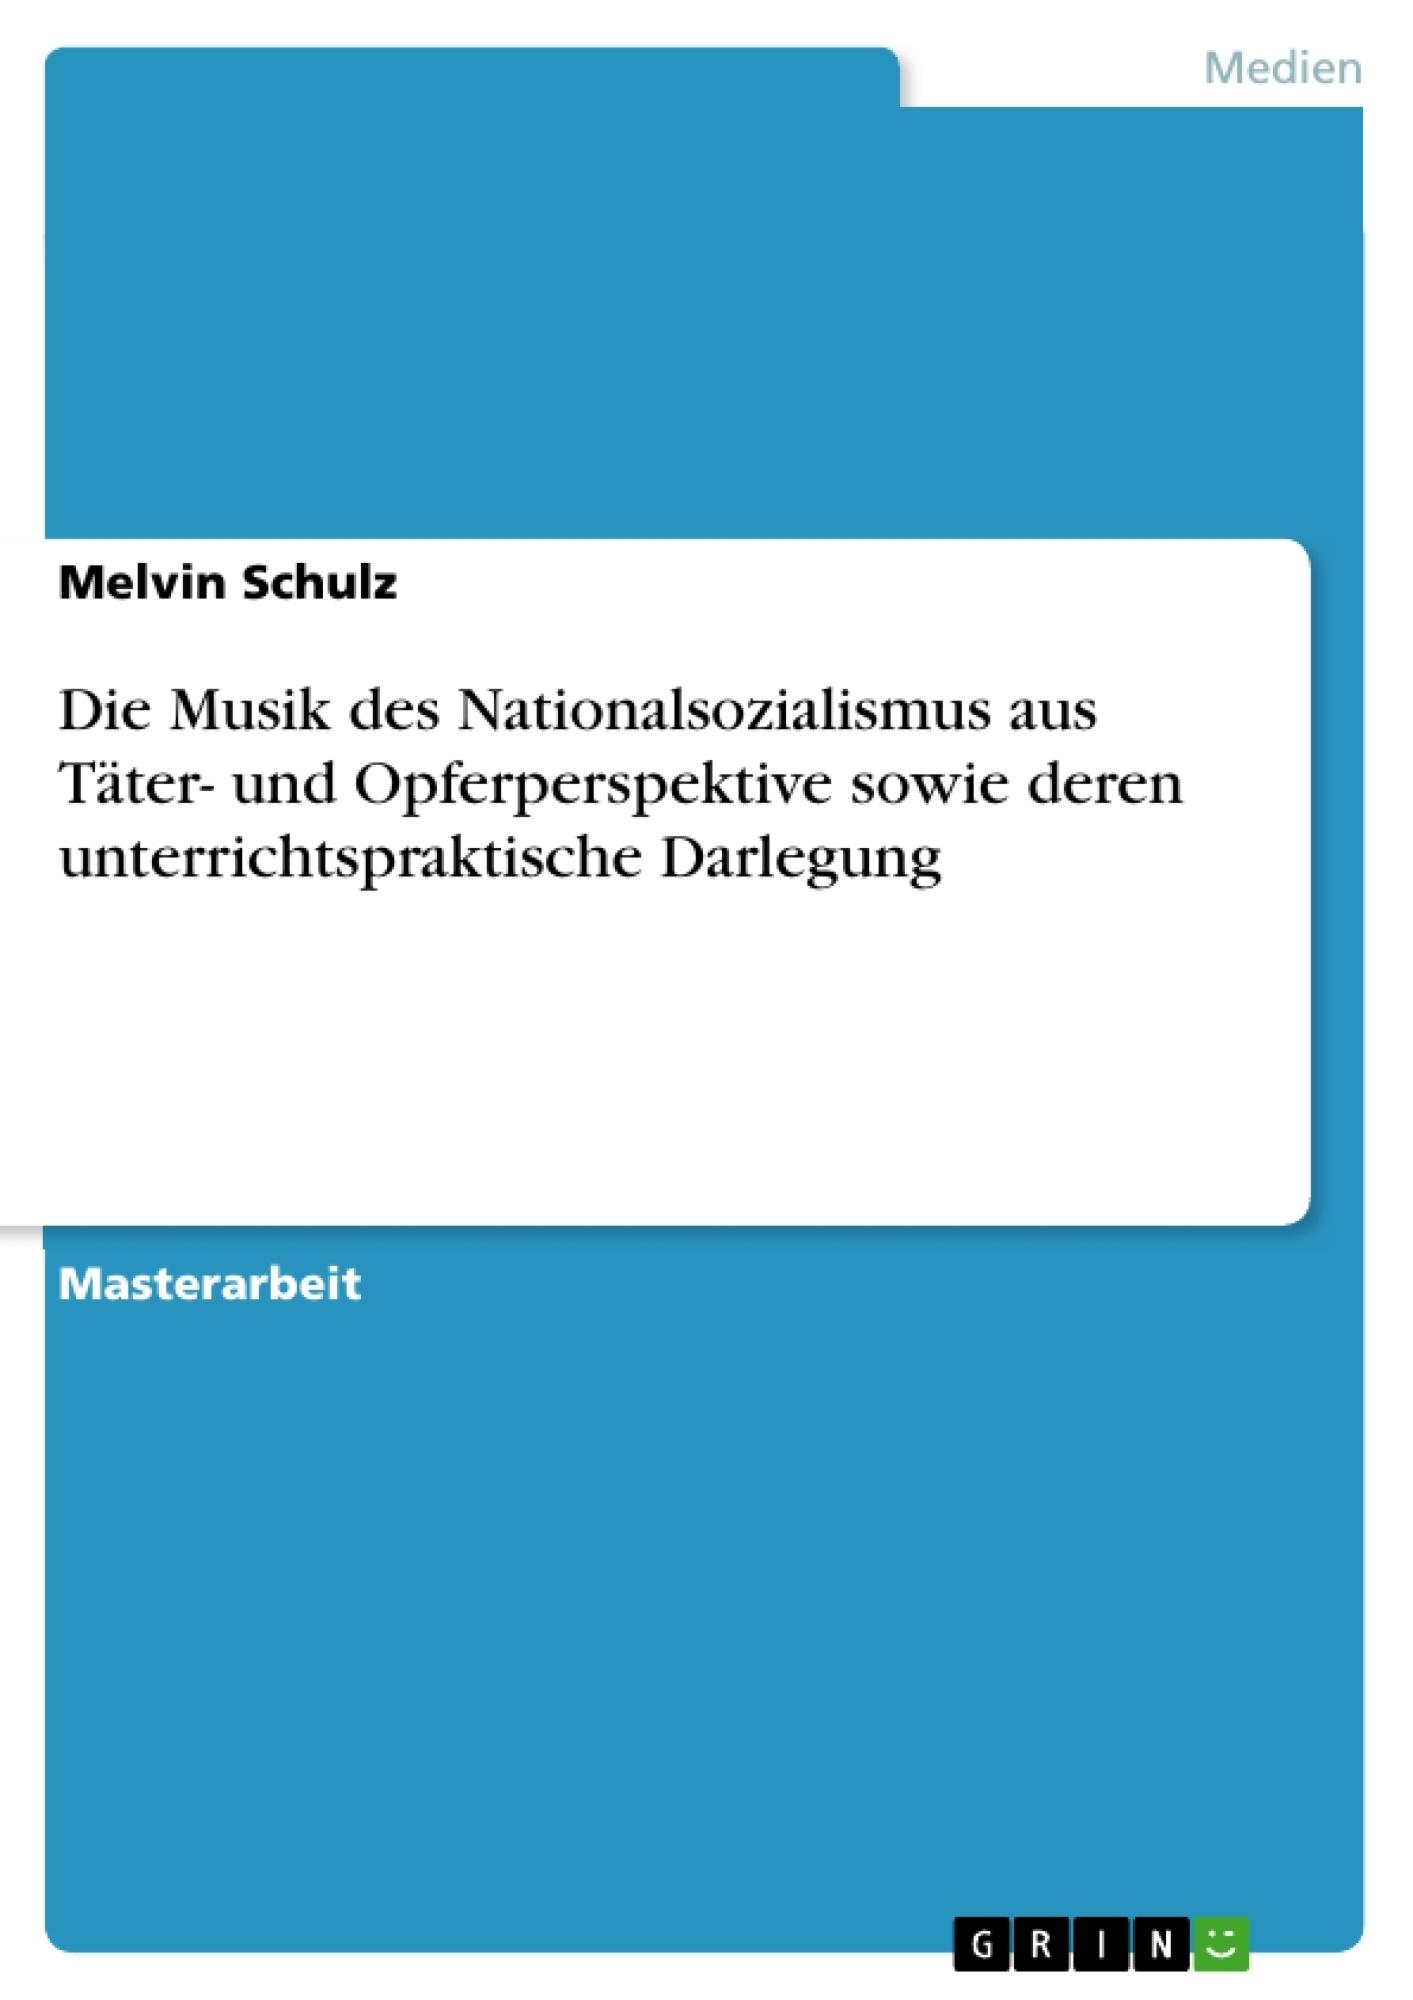 Titel: Die Musik des Nationalsozialismus aus Täter- und Opferperspektive sowie deren unterrichtspraktische Darlegung